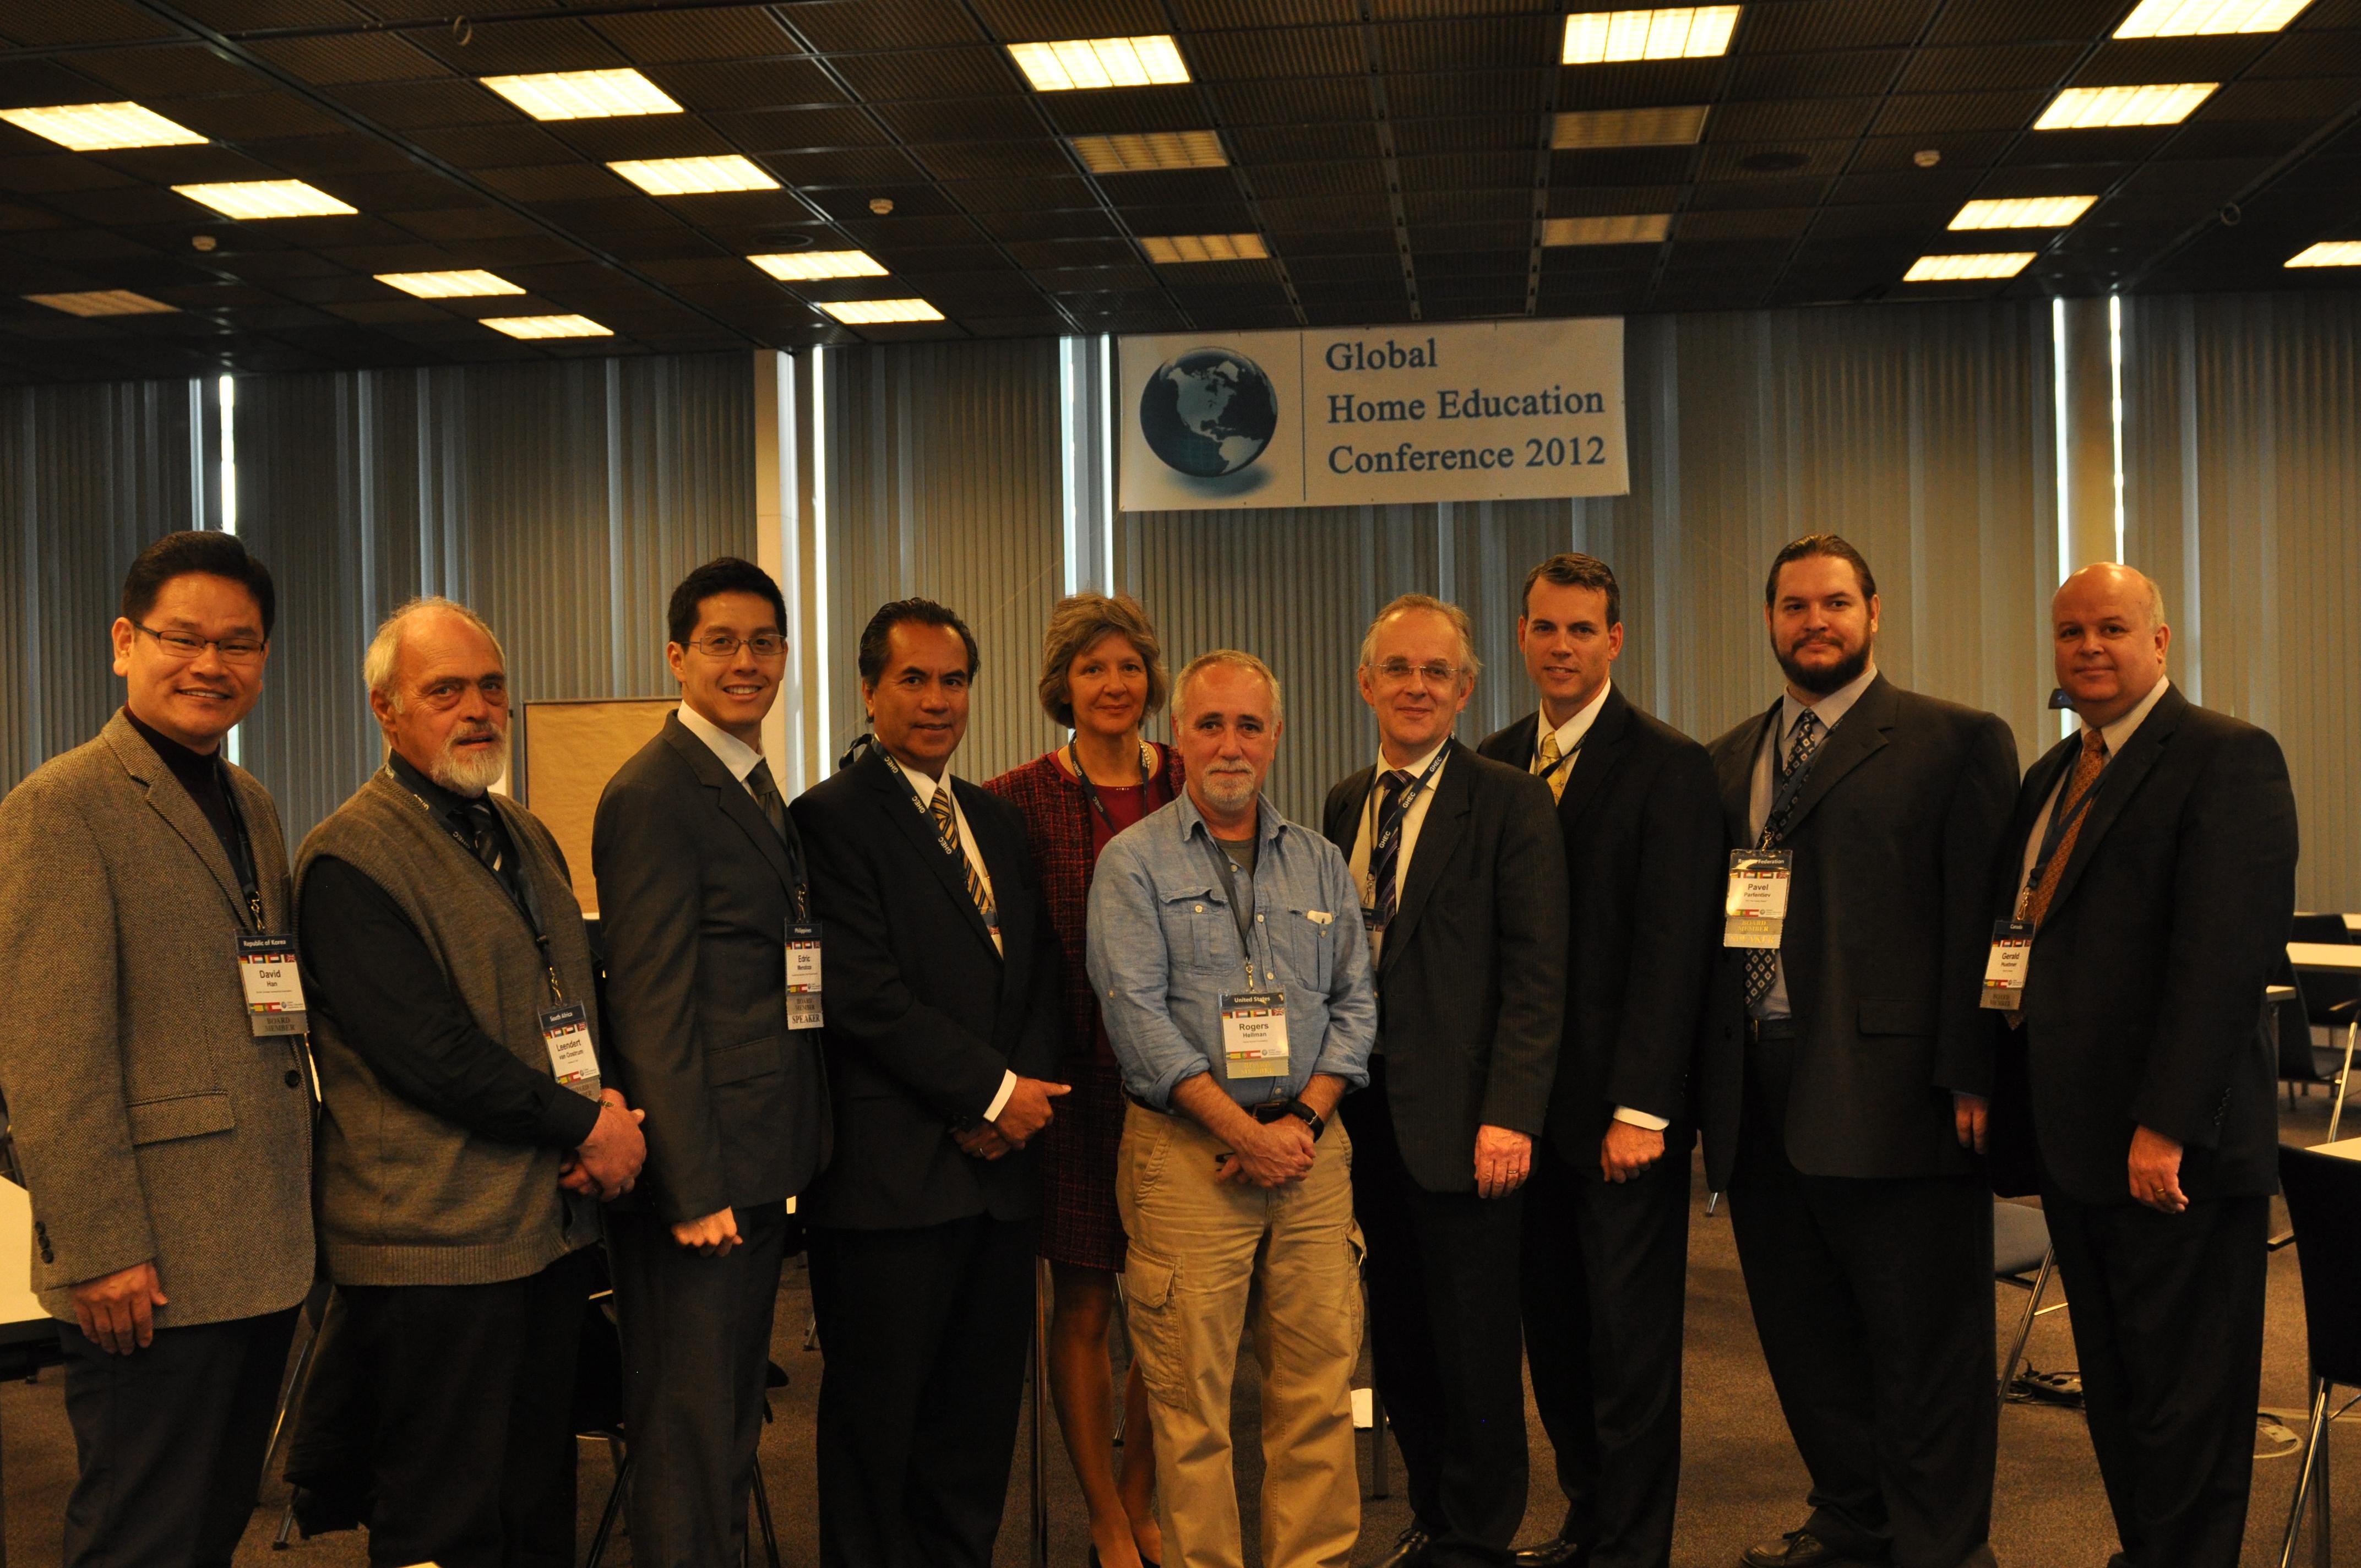 Всемирная конференция по домашнему образованию — 2012